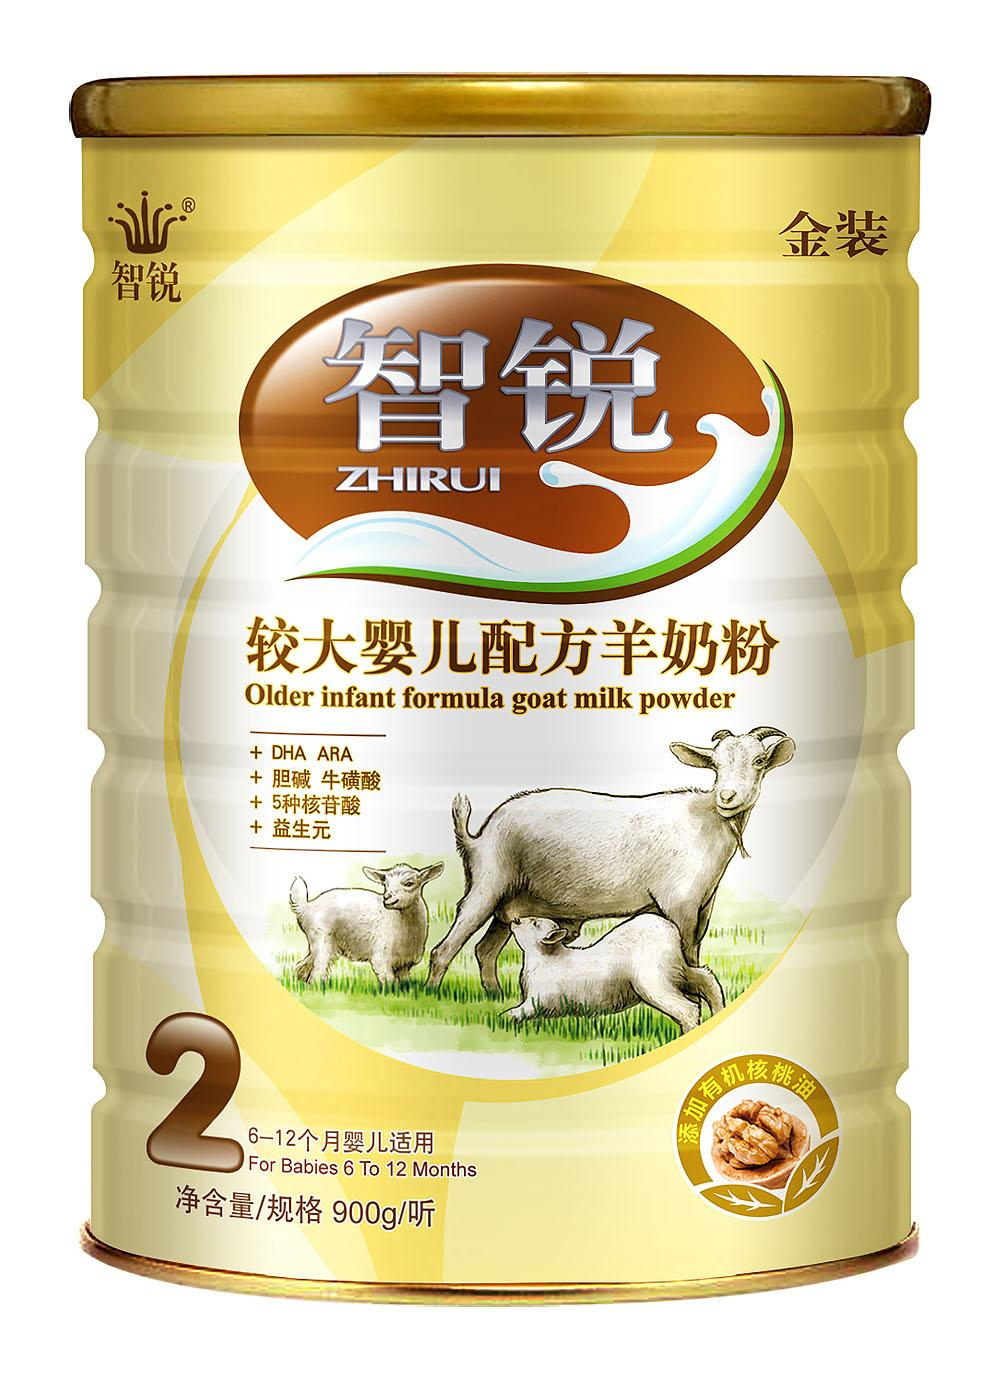 智锐金装900g 较大婴儿配方羊奶粉